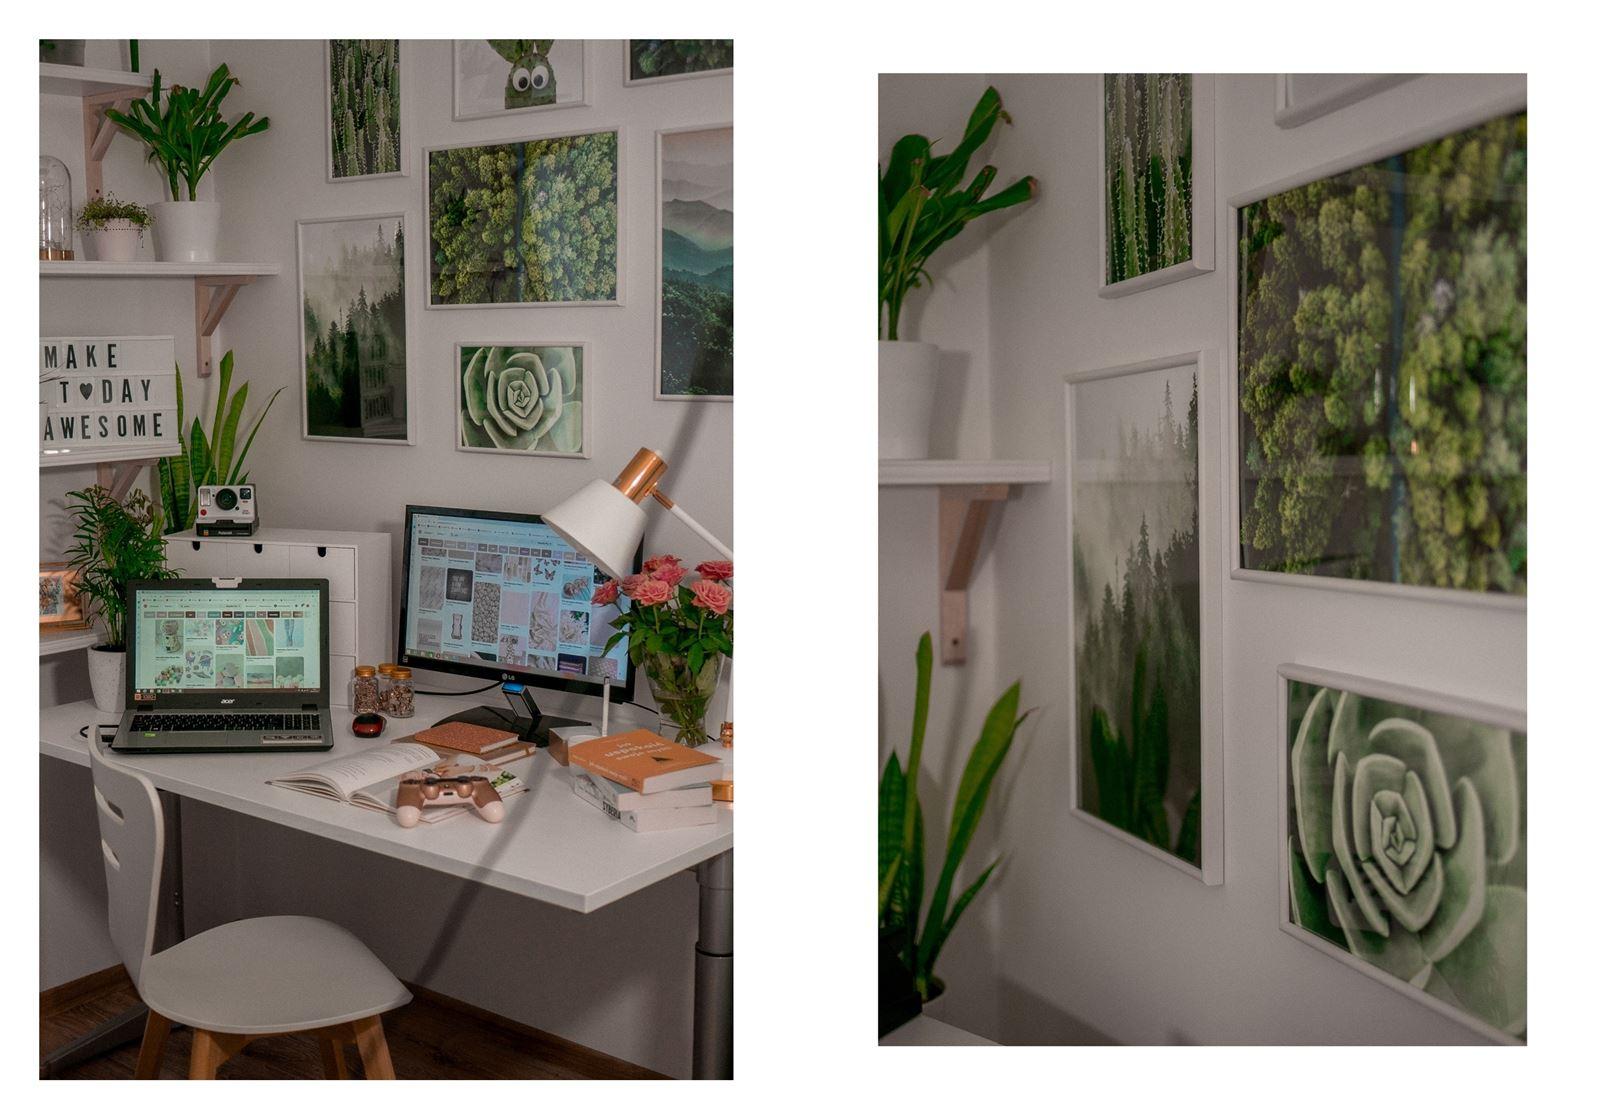 13a jak urządzić biuro w domu - dekoracje do biura, zielona ściana w mieszkaniu, jak zaprojektować galerię plakatów, plakaty krajobrazy rośliny na ścianę jak zawiesić obraz na ścianie plakaty w ramach